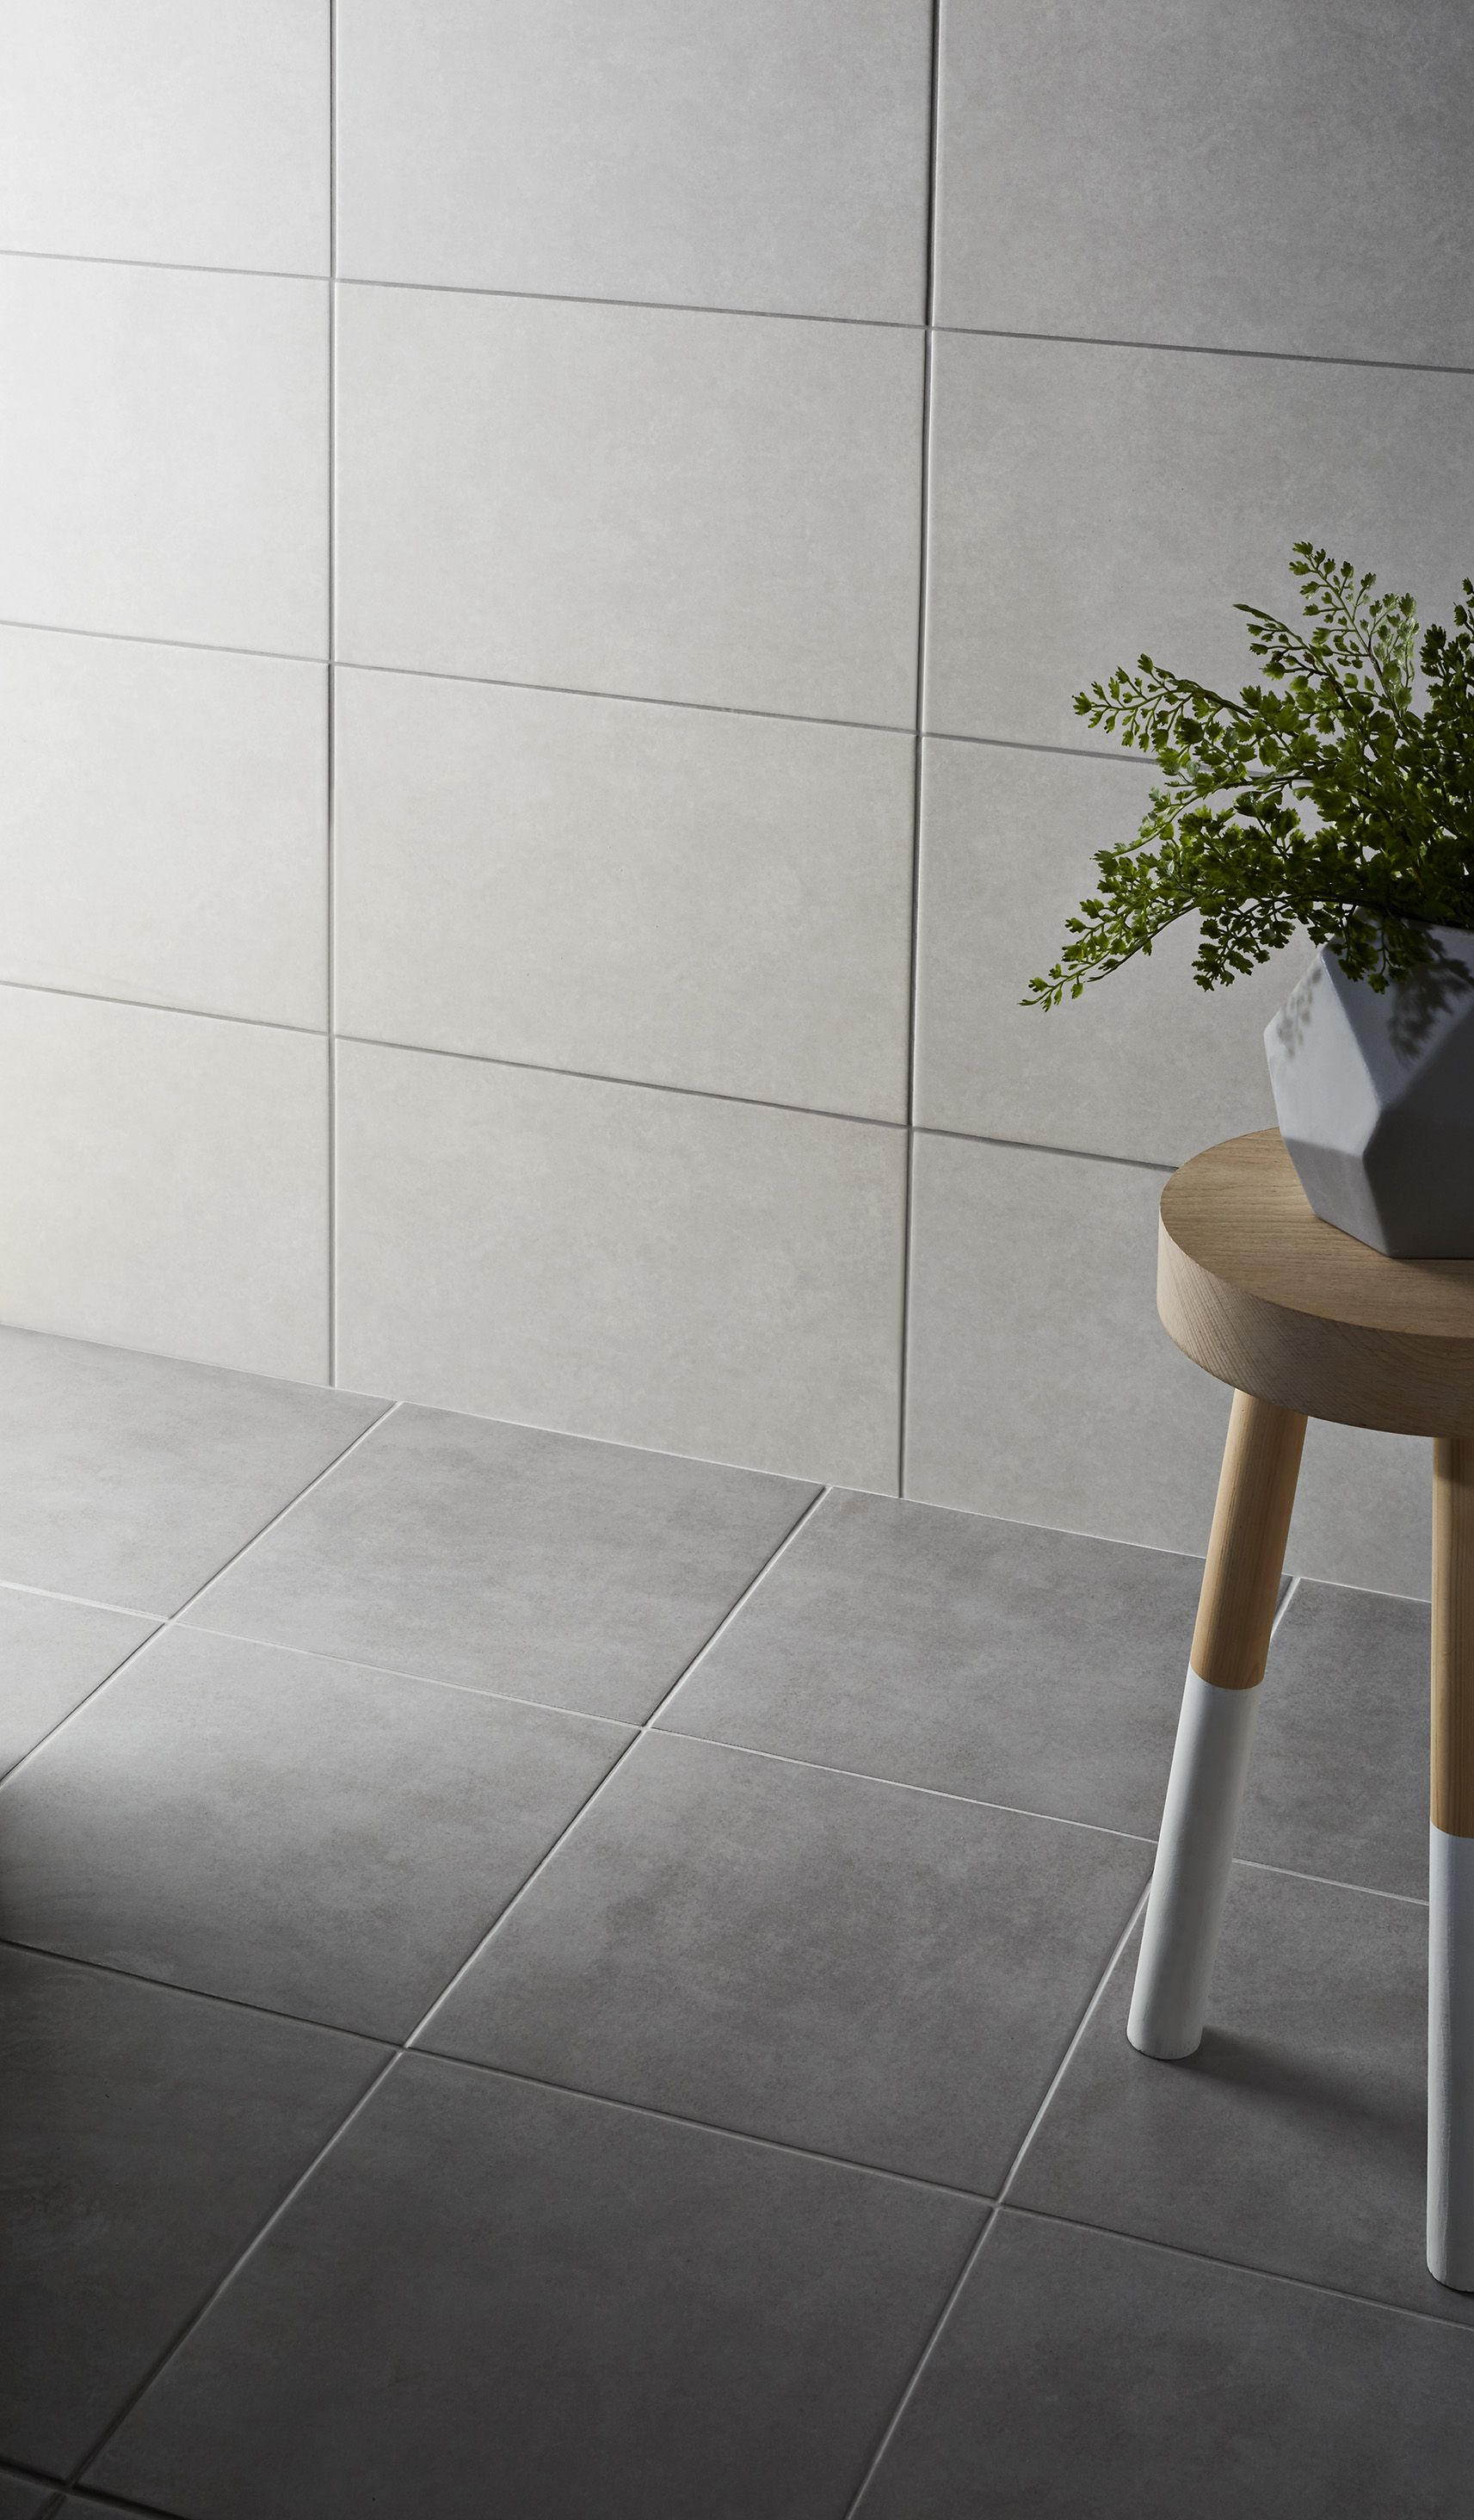 Cimenti Grey Matt Concrete Effect Porcelain Floor Tile Pack Of 20 L 307mm W 307mm Departments Diy At B Q